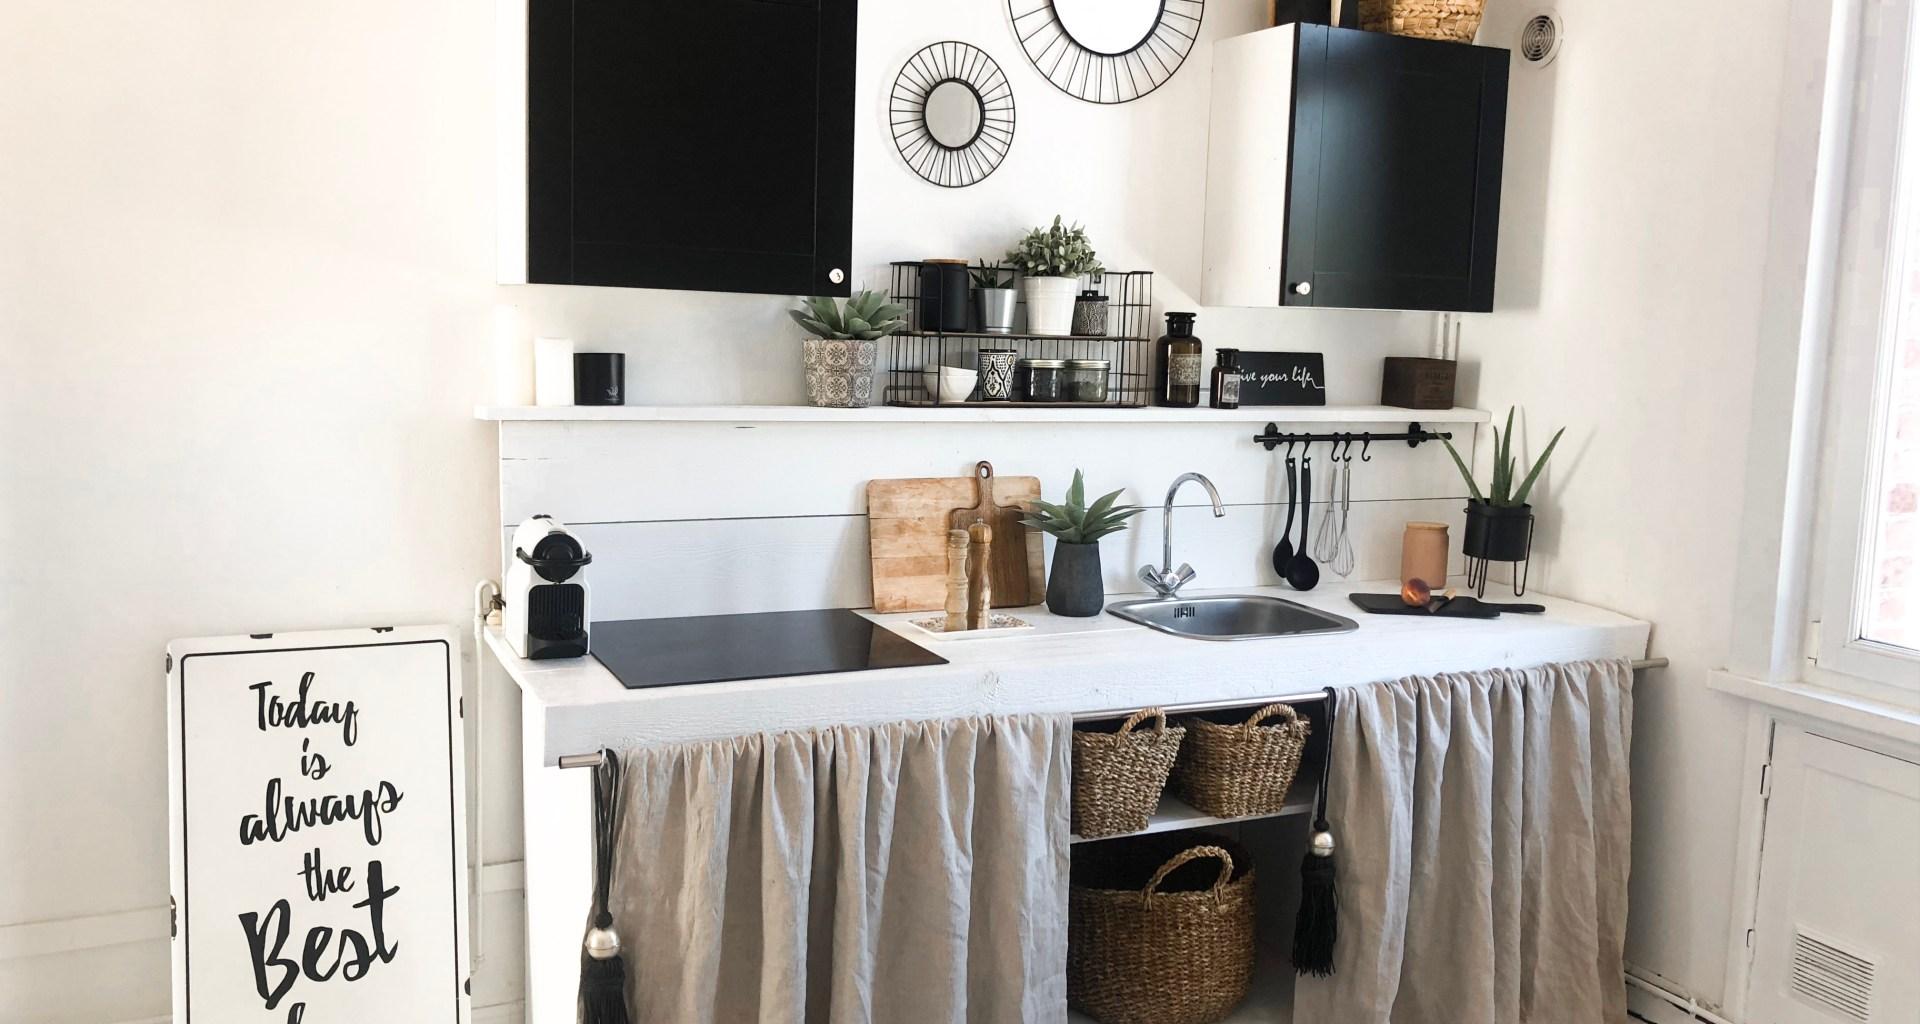 Comment créer sois-même sa cuisine pas cher et en 11h : Do It Yourself